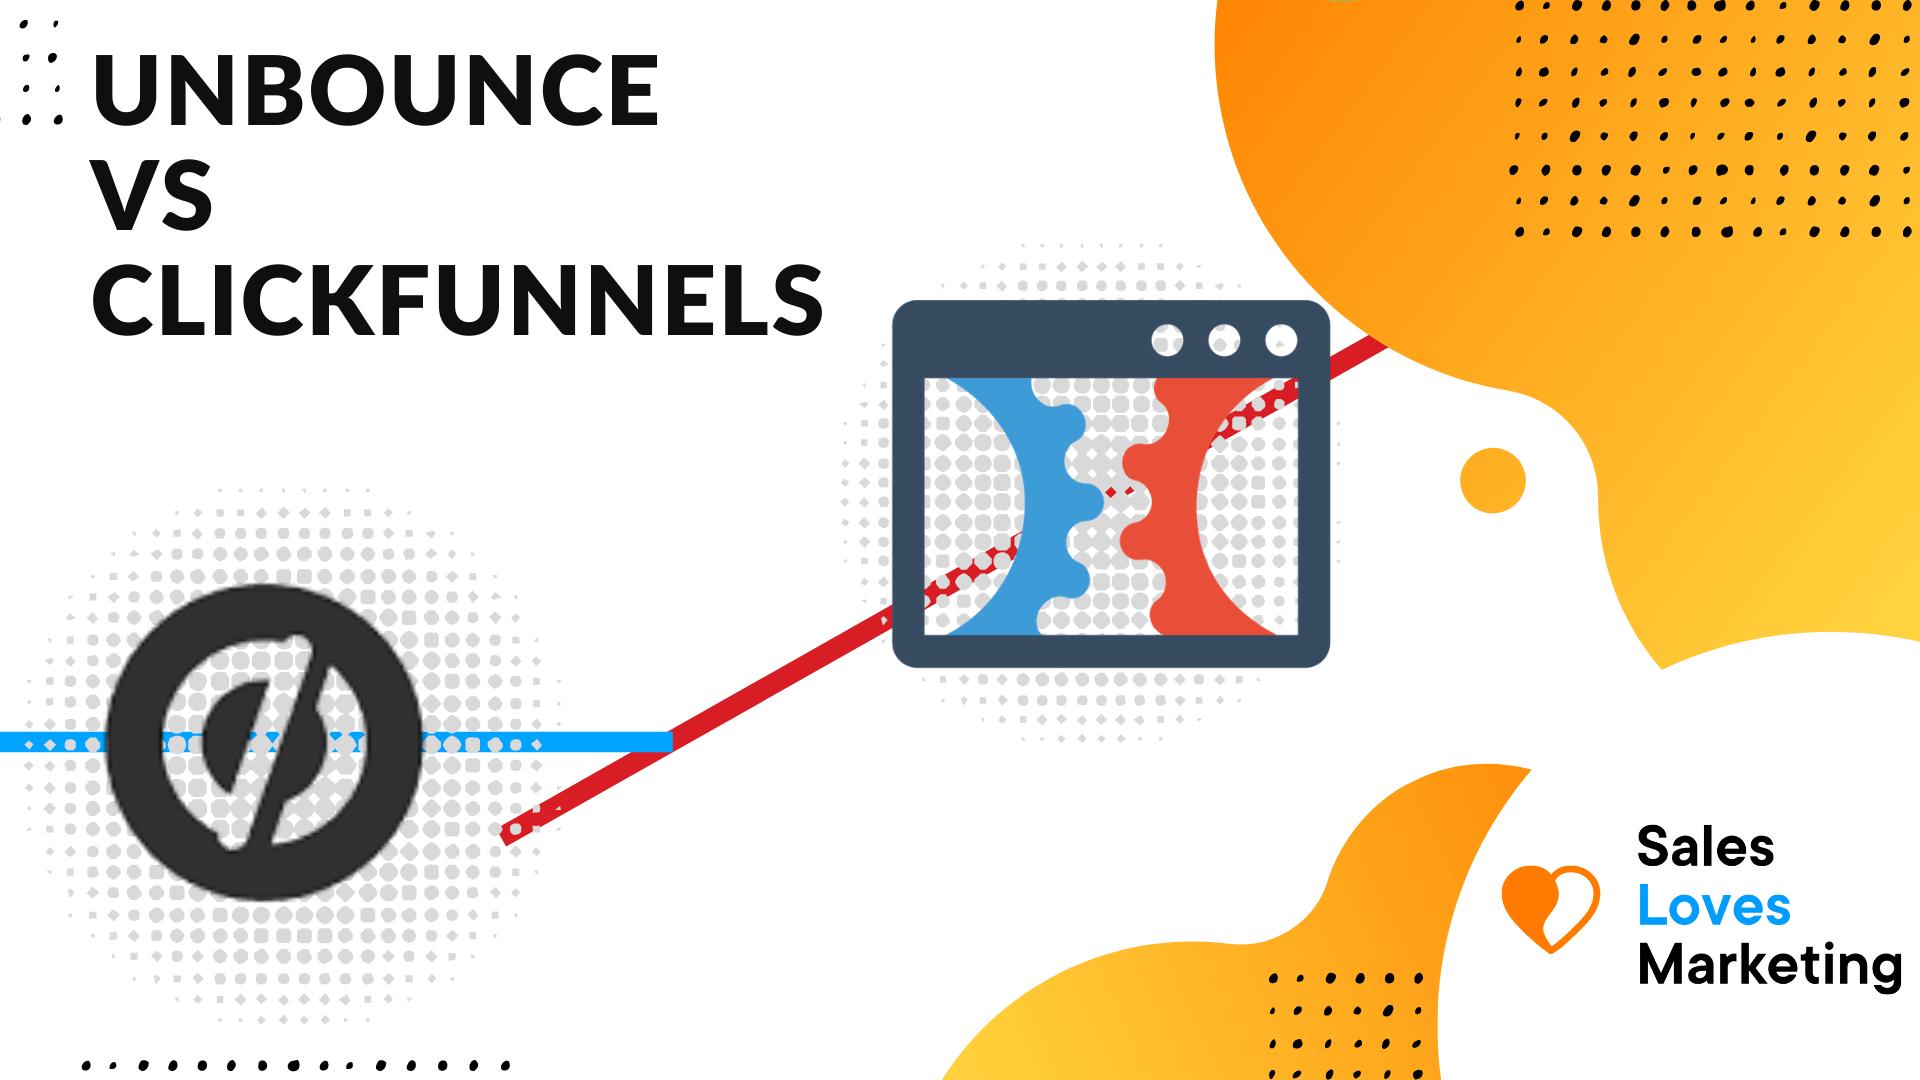 Unbounce vs ClickFunnels